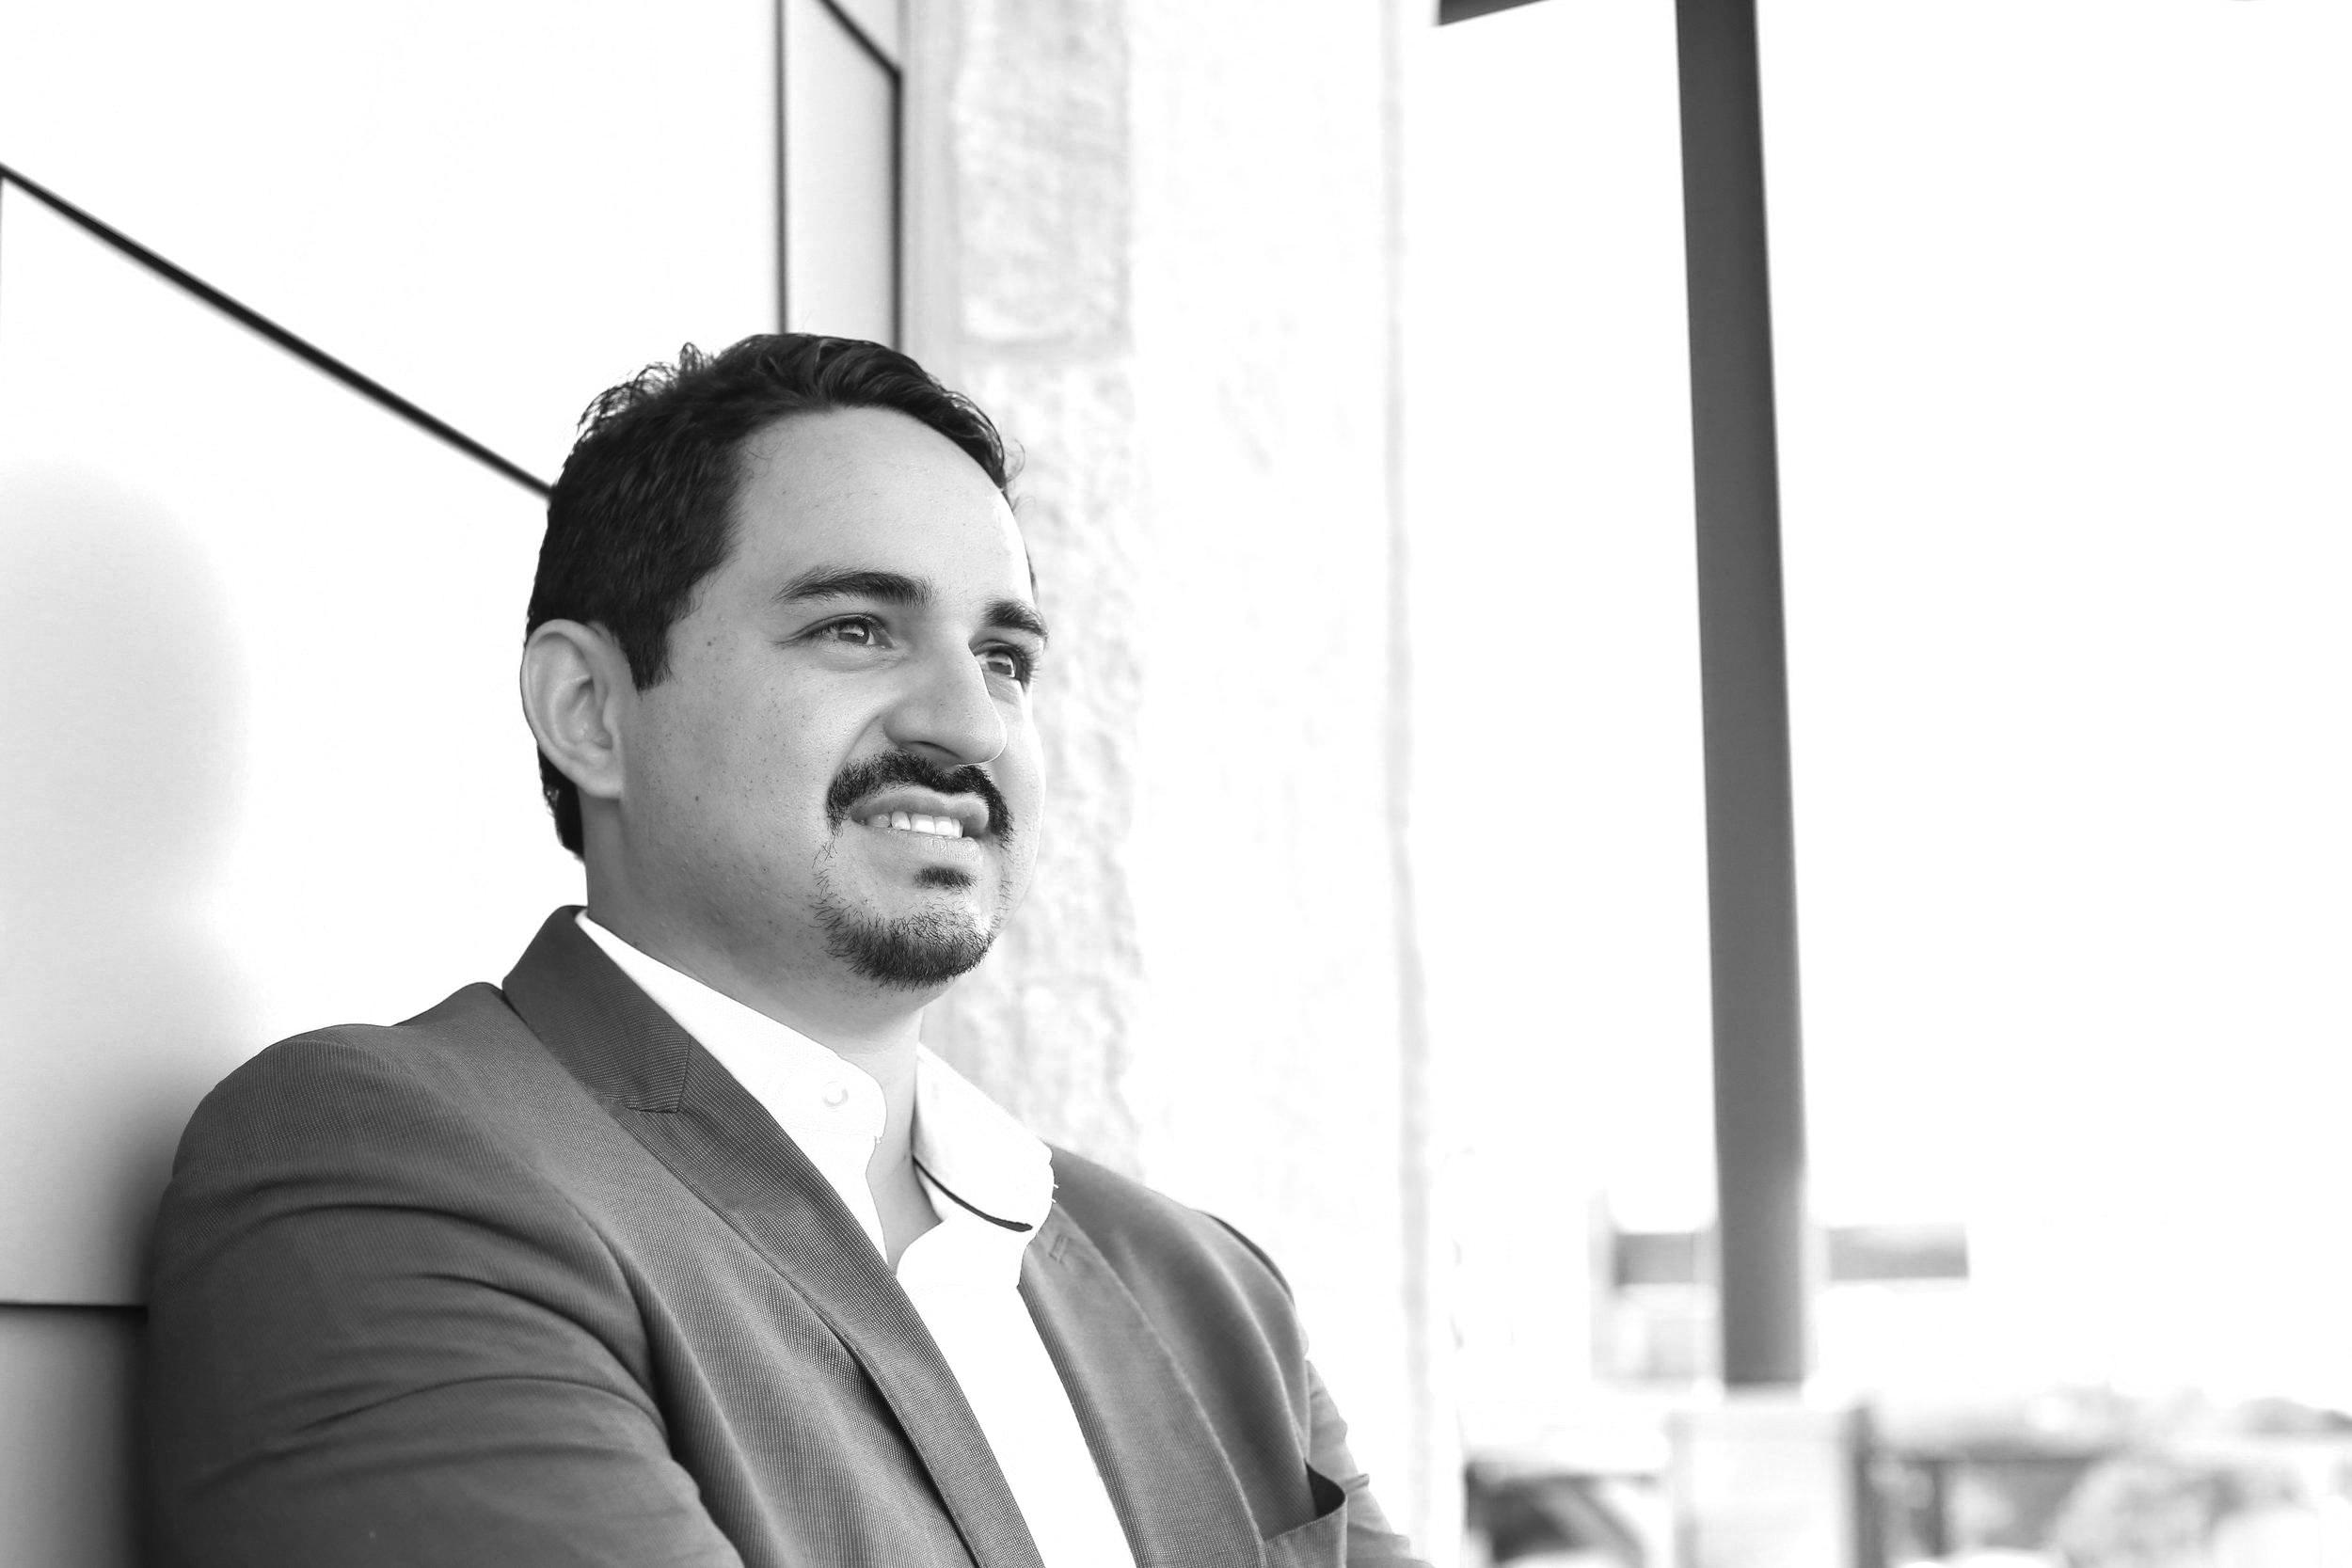 Juan+Cano+-+CEO